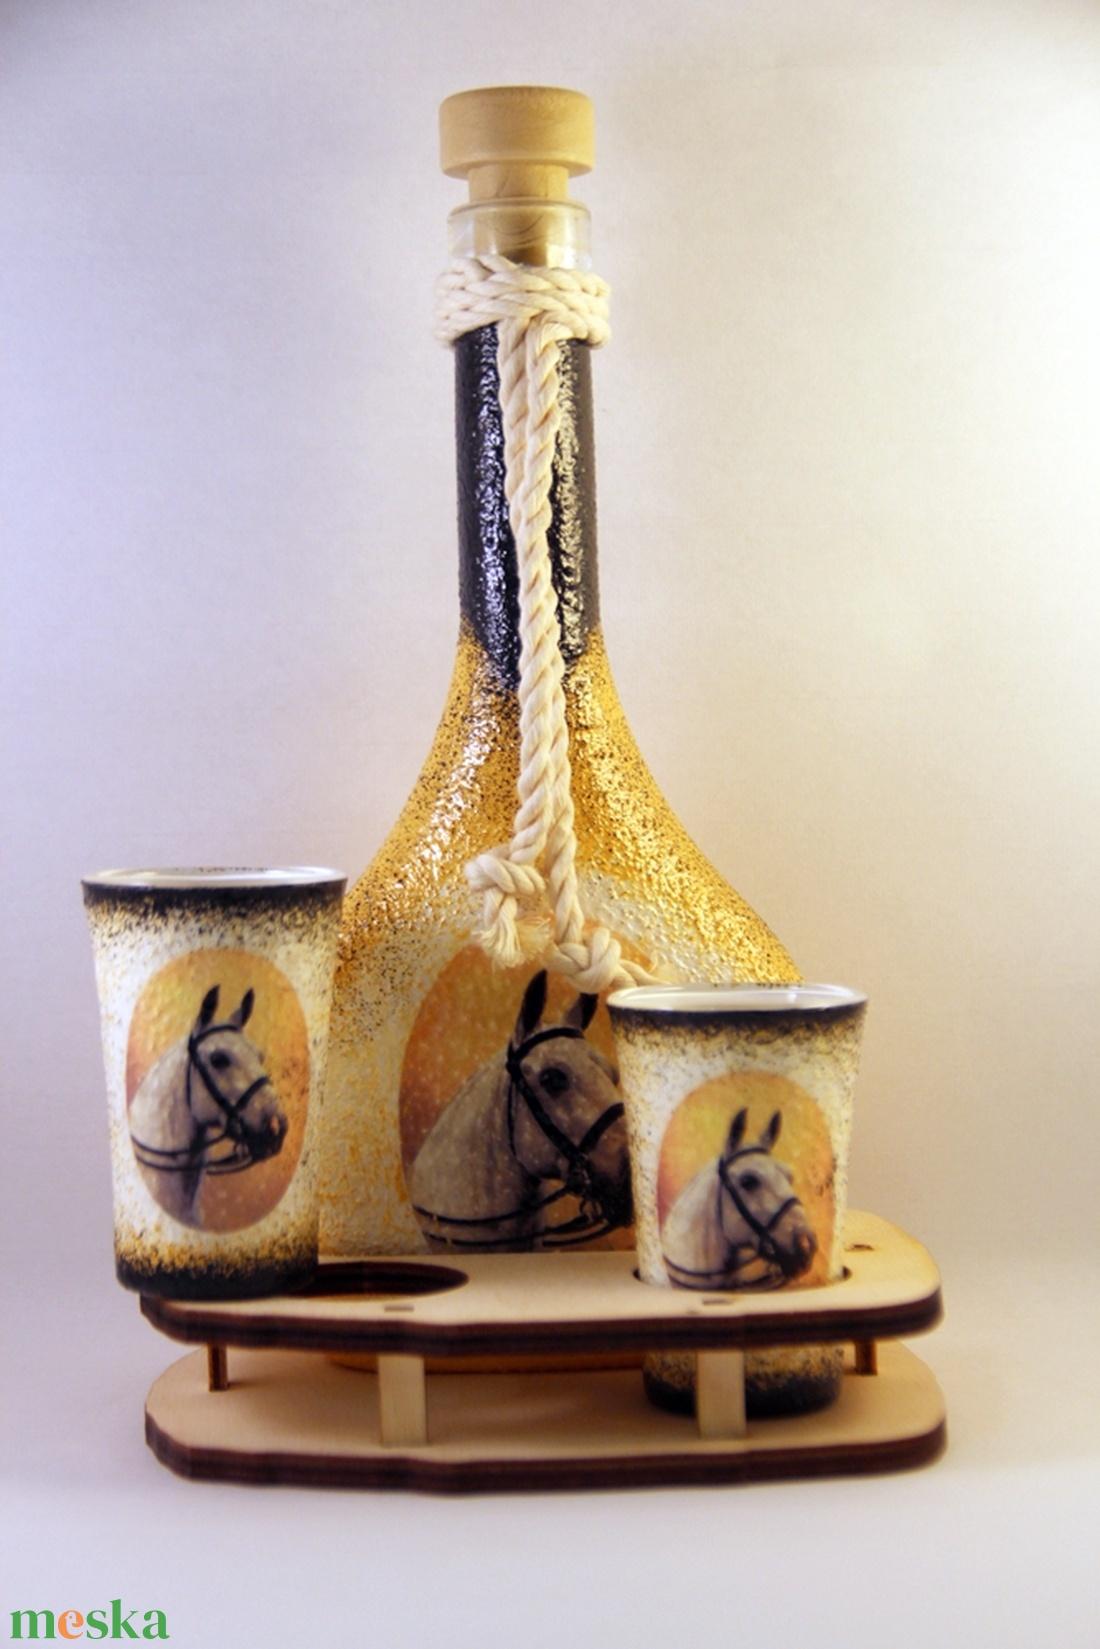 Ló motívummal díszített  pálinkás szett II. ( 0,2 l üveg+2x50 ml pohár +tartó )  - Meska.hu